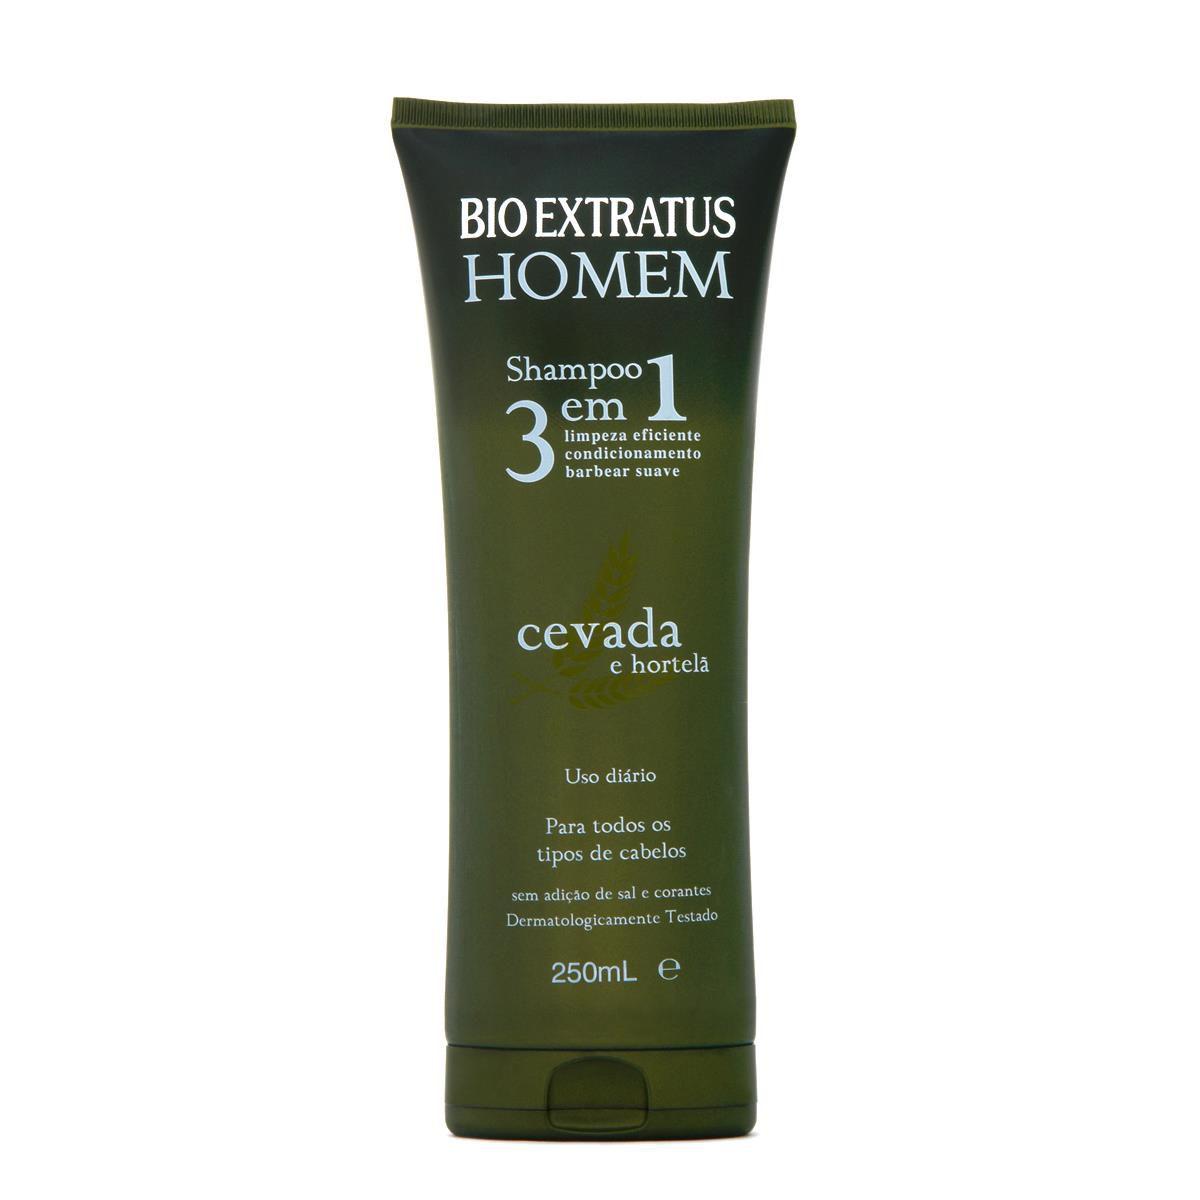 Shampoo 3 em 1 Homem Cevada e Hortelã- 250ml-Bio Extratus